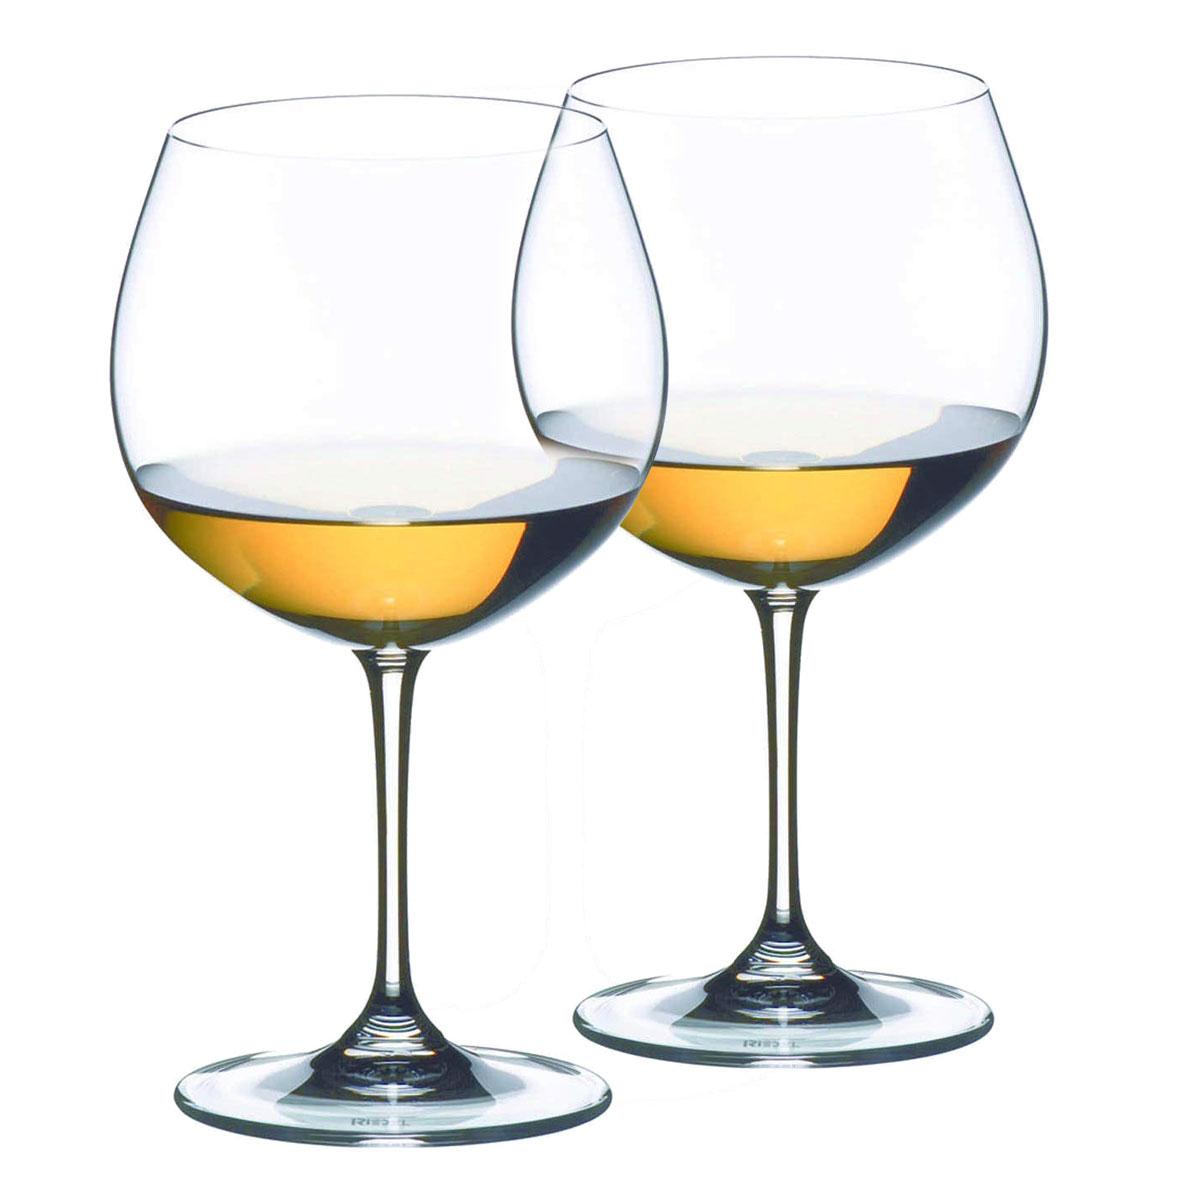 Riedel Vinum XL, Montrachet Wine Glasses, Pair